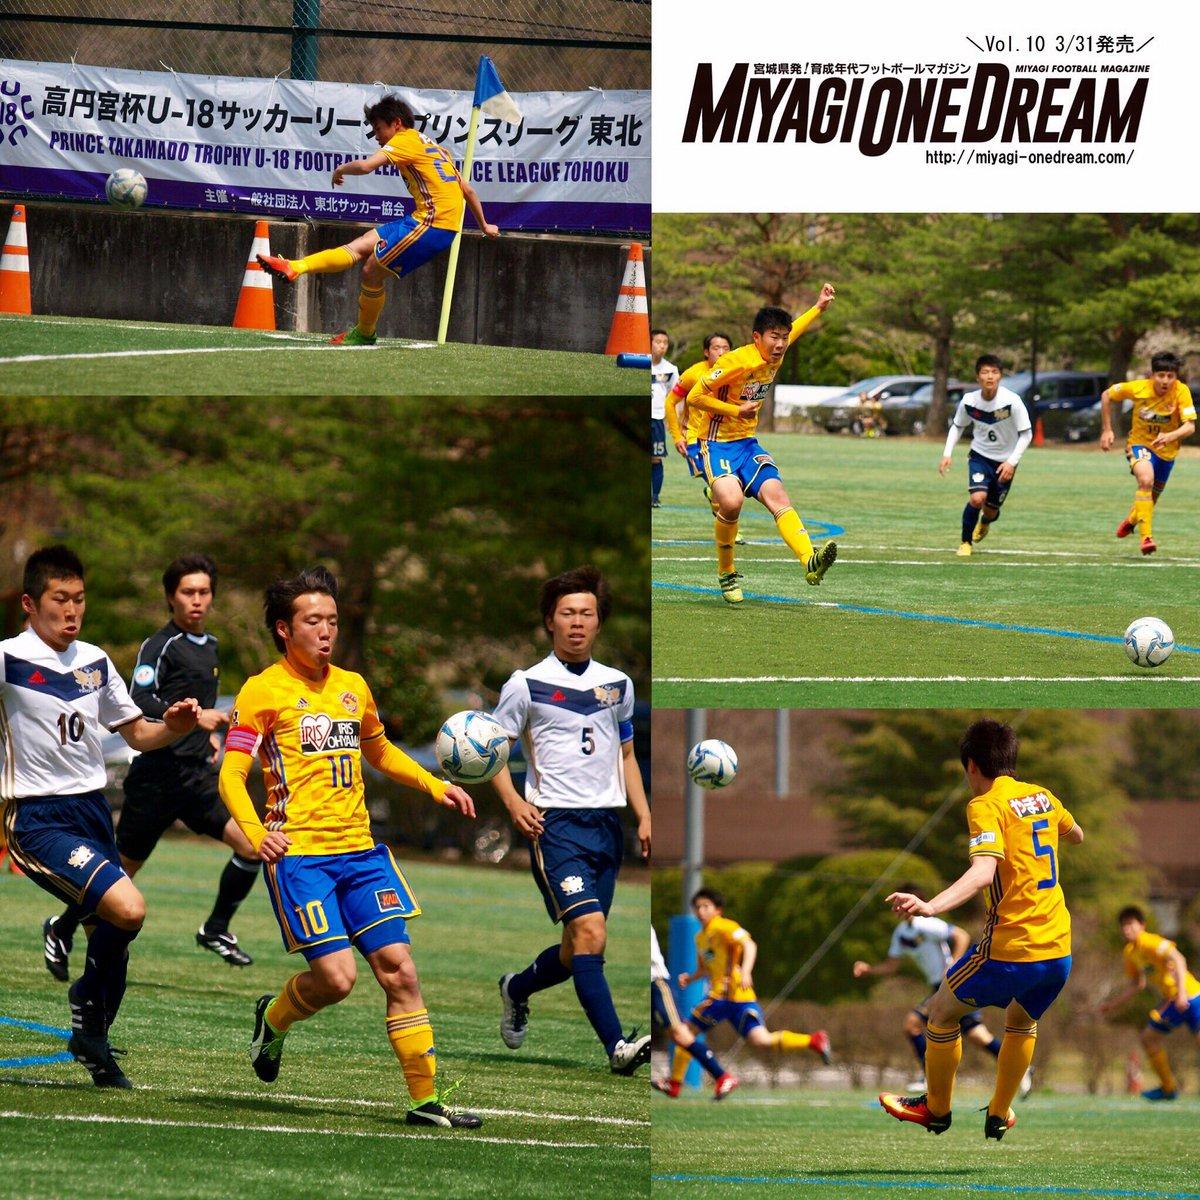 """MIYAGI ONE DREAM on Twitter: """"..."""